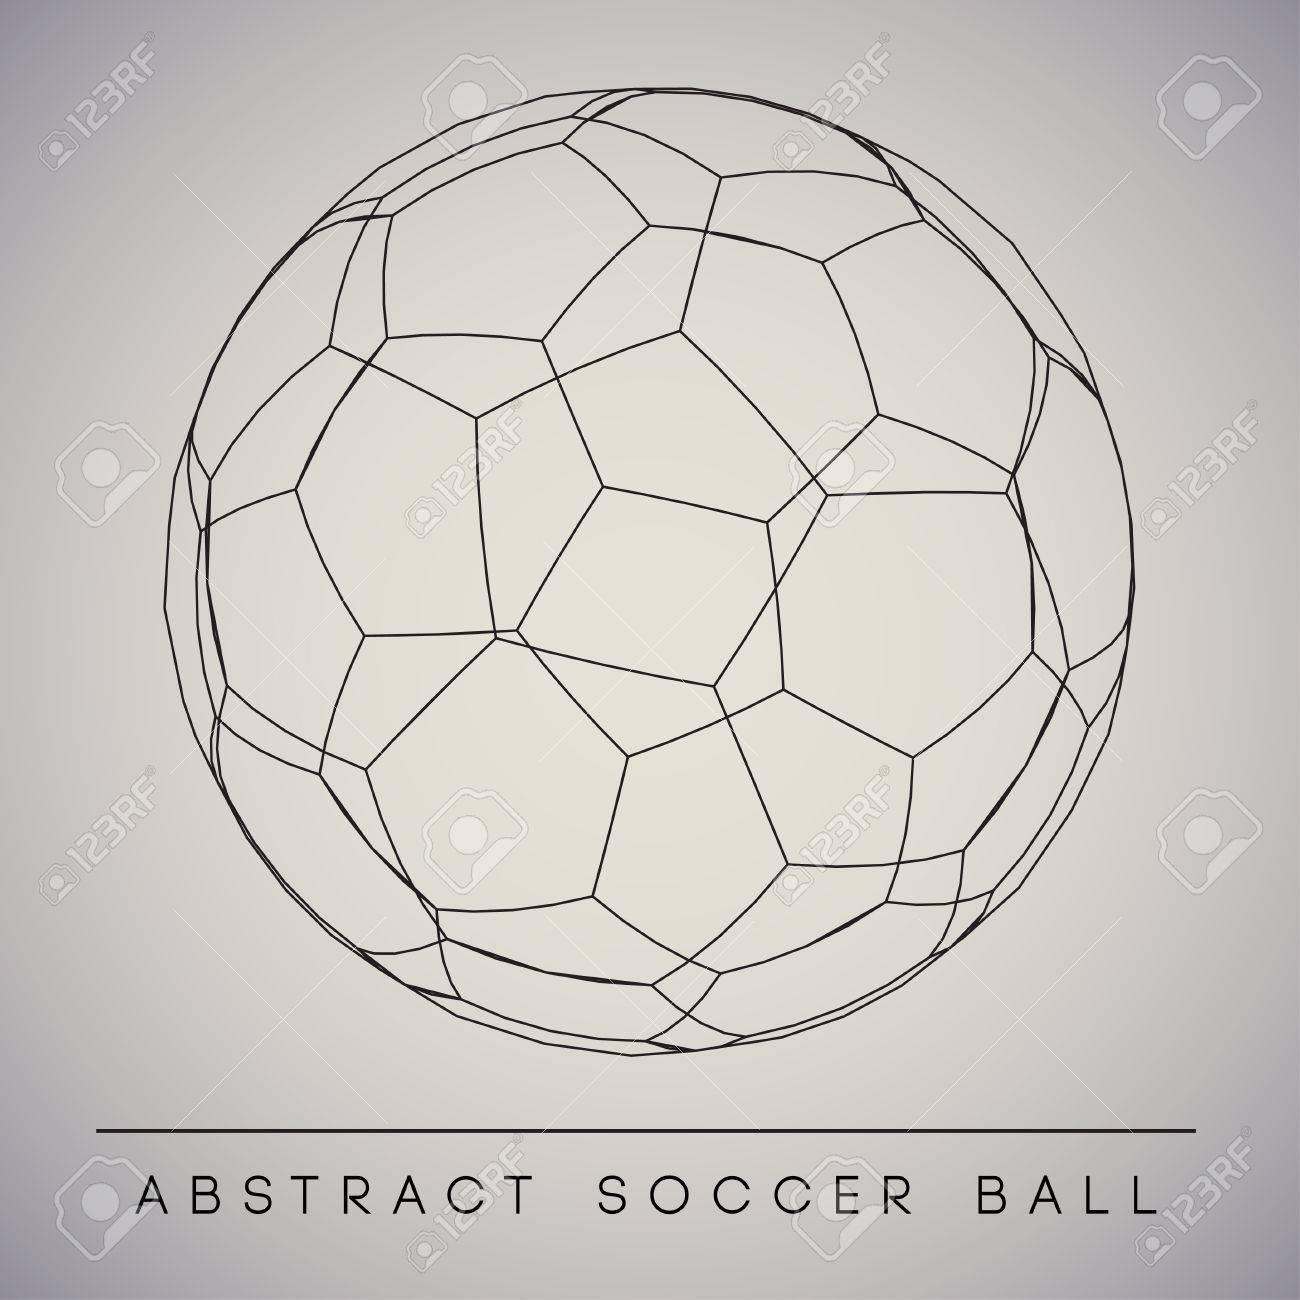 Abstract Soccer Ball Vector - 51768639